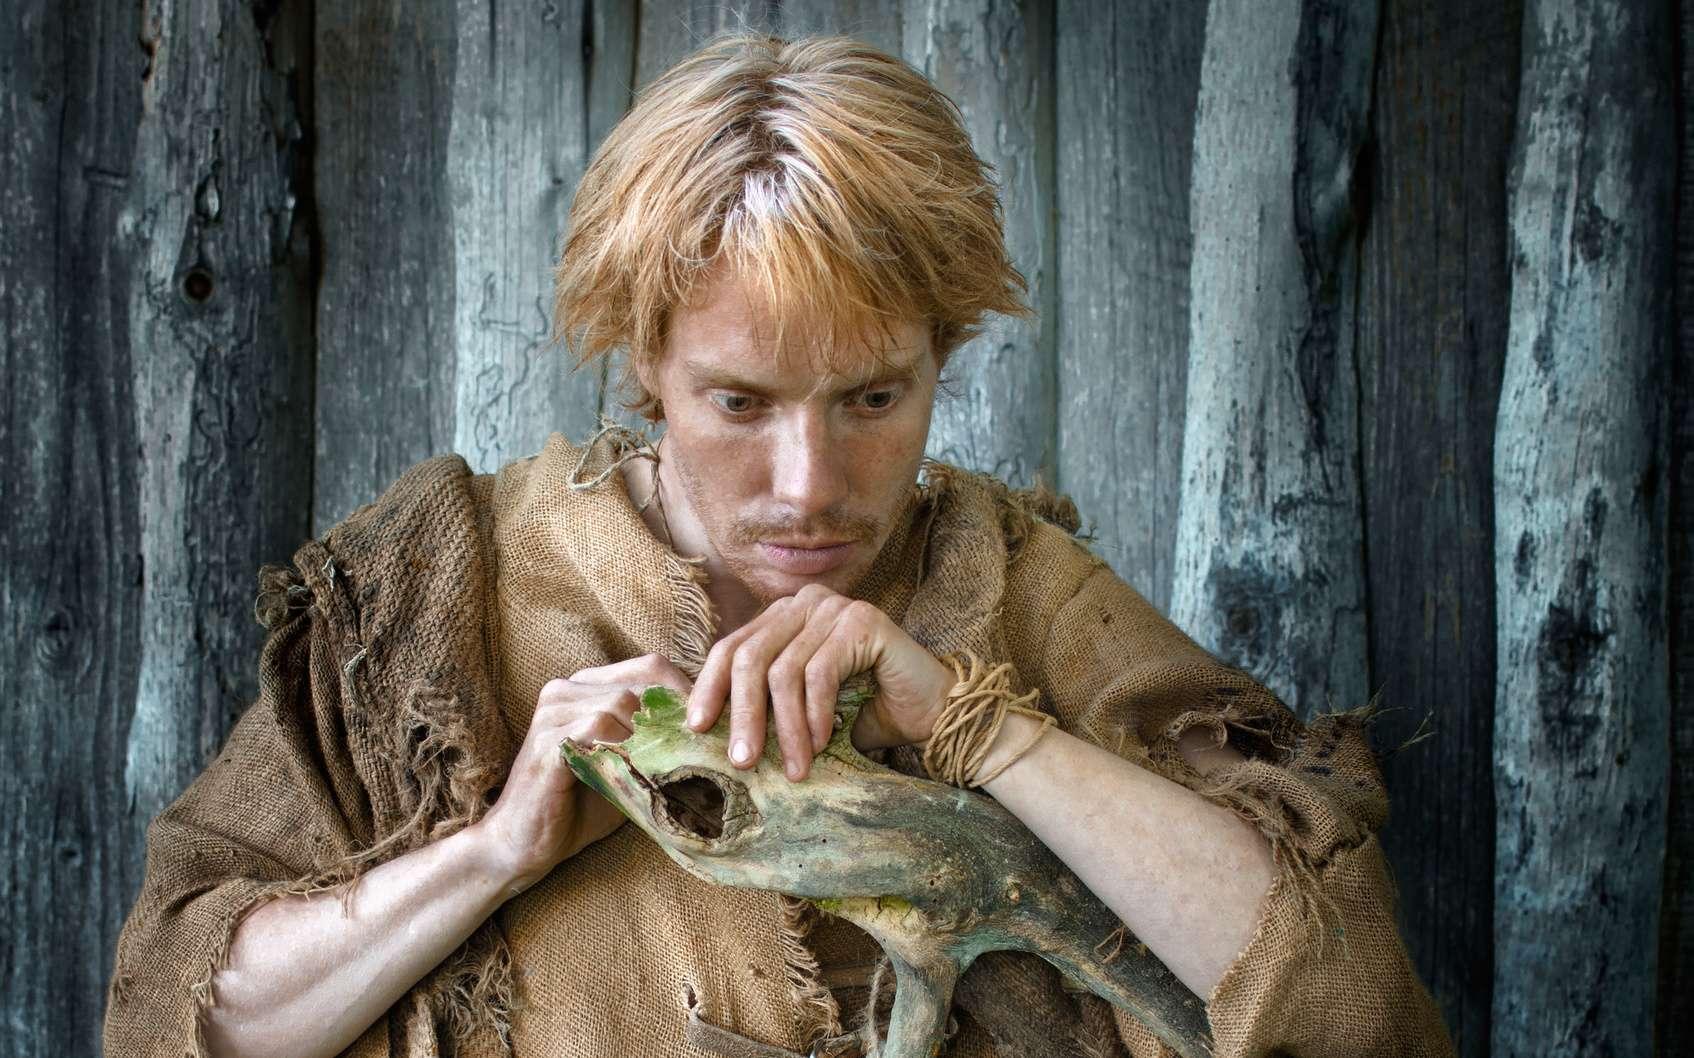 L'espérance de vie des paysans au Moyen Âge ne dépassait guère 30 ans. © tntk, fotolia